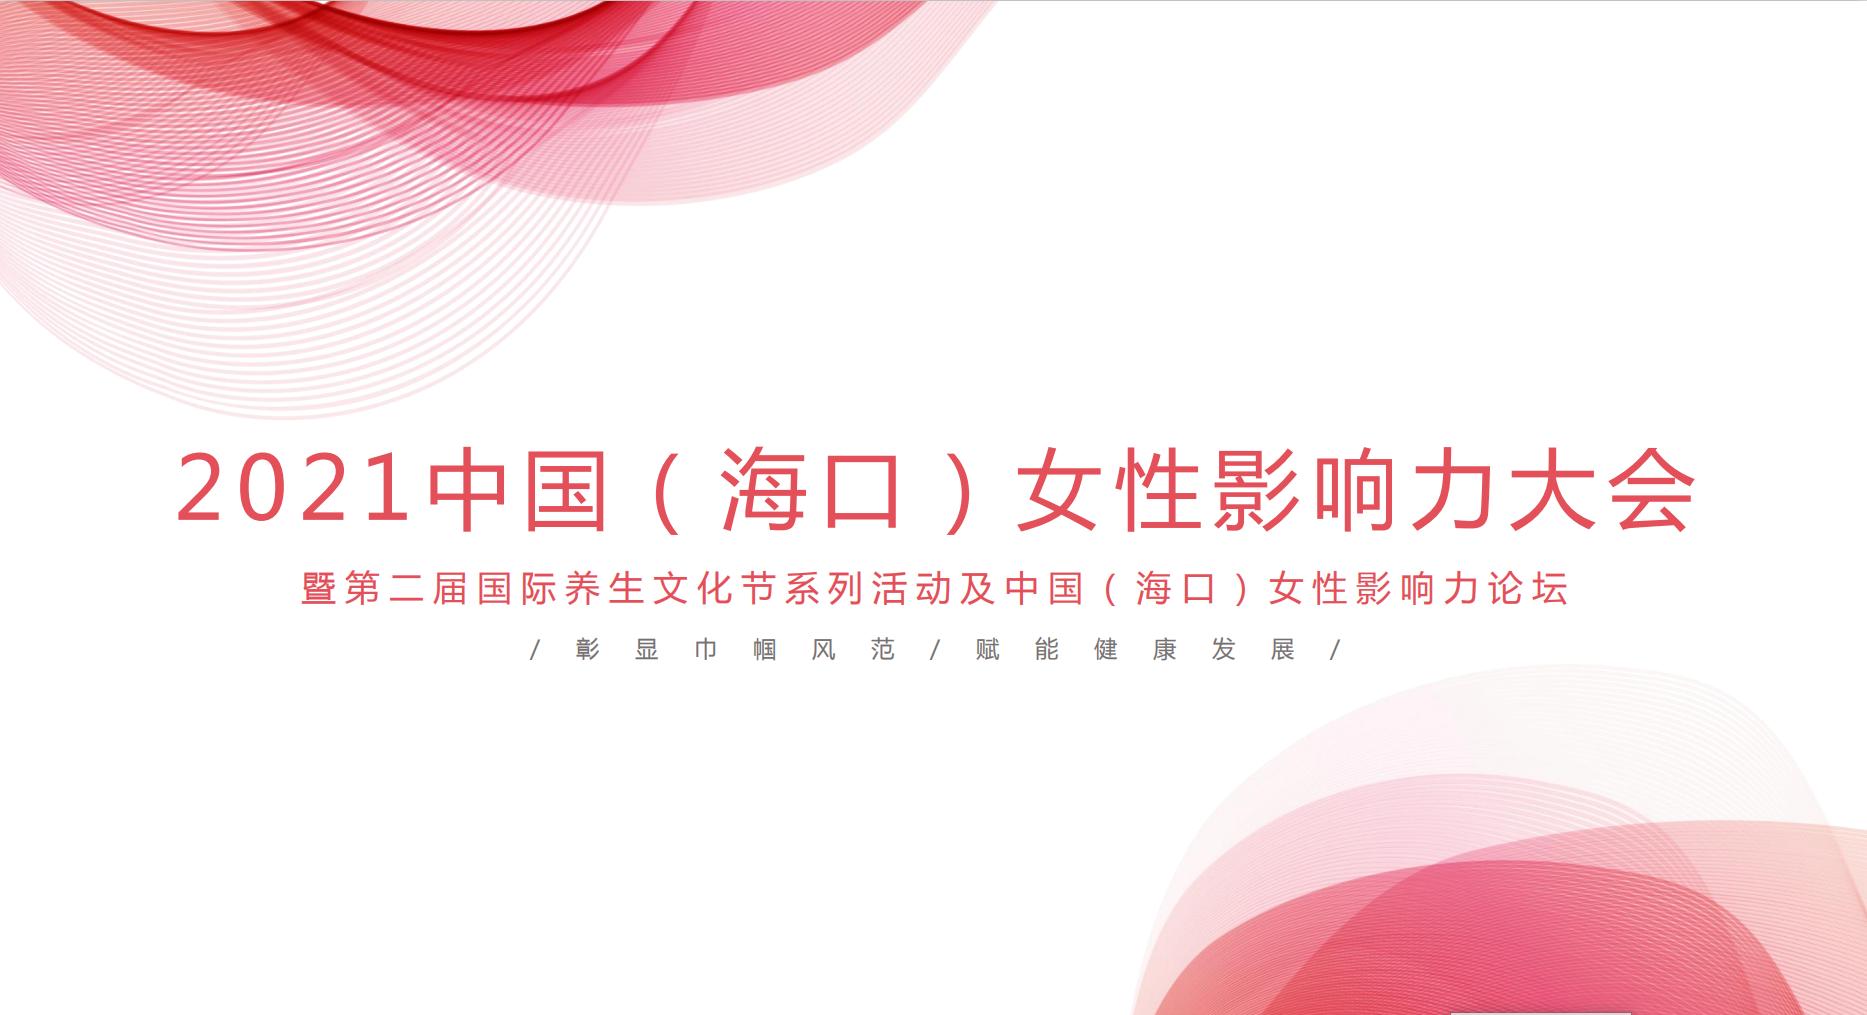 2021中国(海口)女性影响力大会暨第二届国际养生文化节系列活动来了